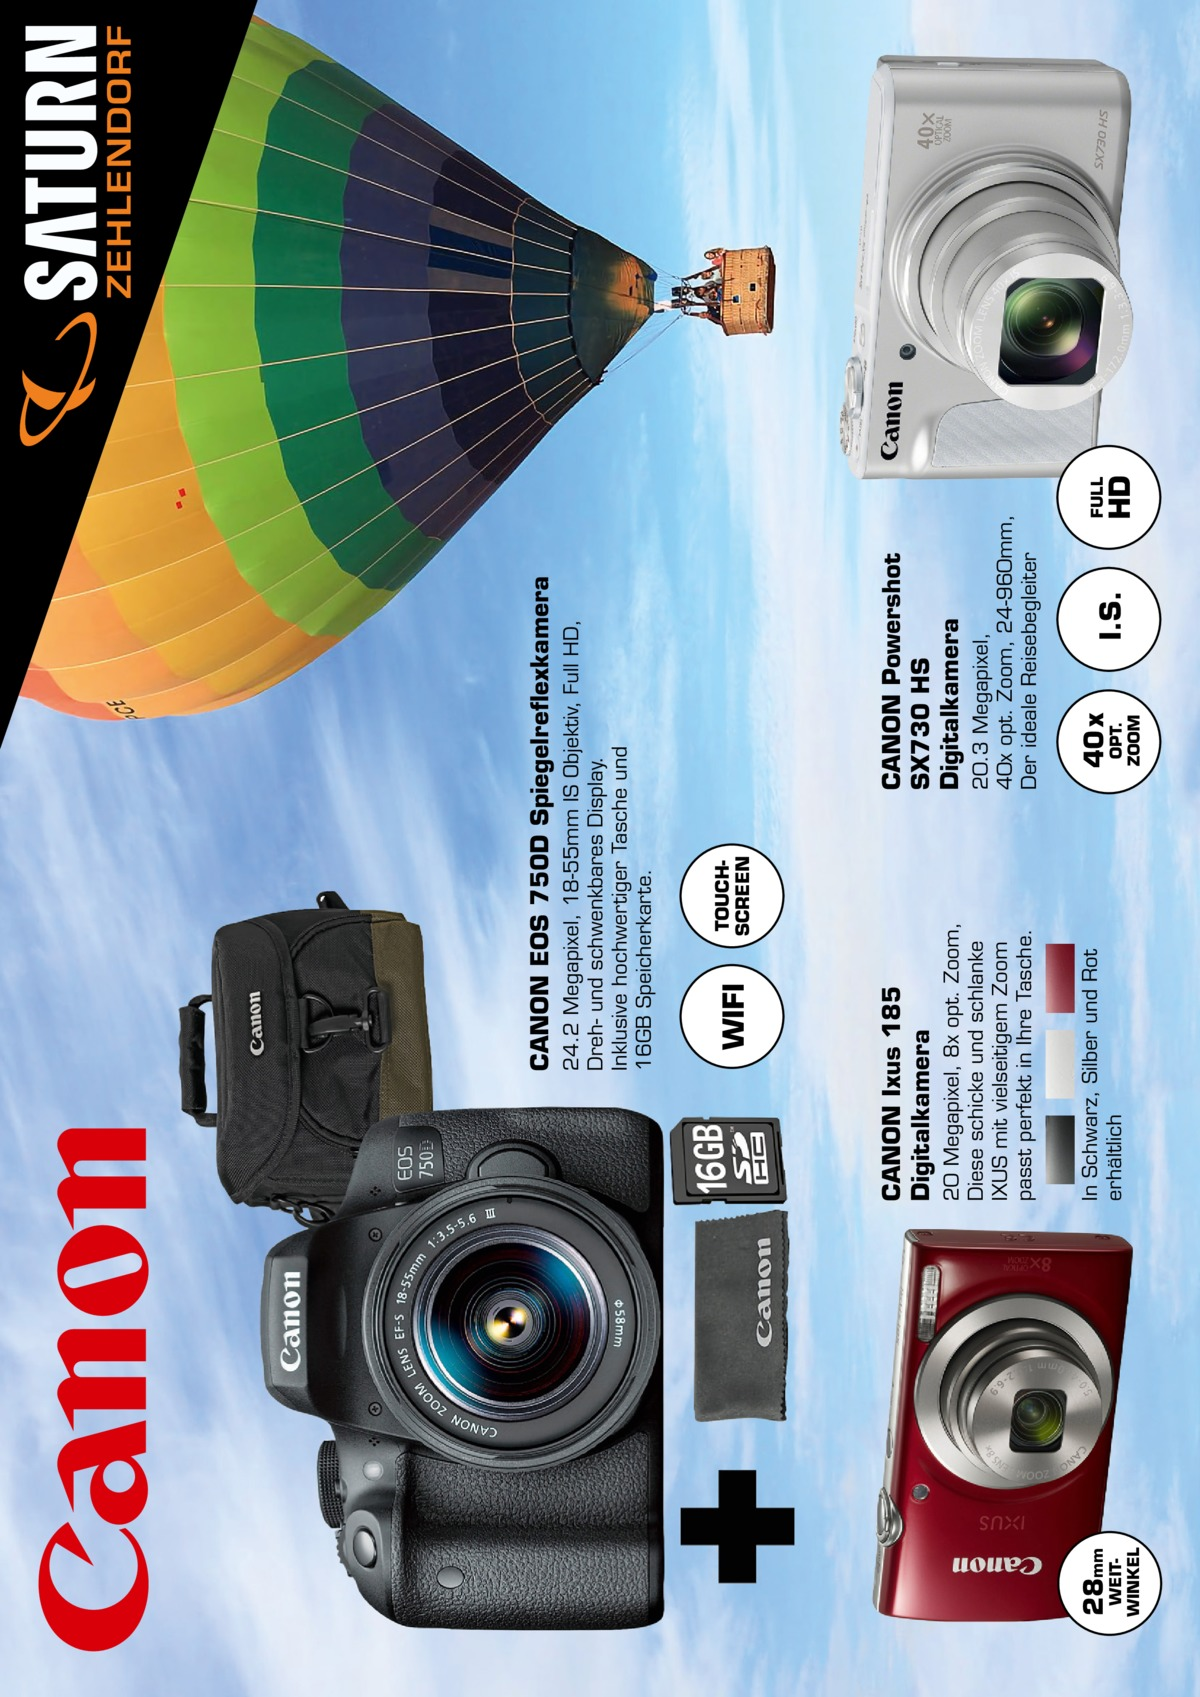 WEIT WINKEL  28mm  TOUCH SCREEN  In Schwarz, Silber und Rot erhältlich  20 Megapixel, 8x opt. Zoom, Diese schicke und schlanke IXUS mit vielseitigem Zoom passt perfekt in Ihre Tasche.  CANON Ixus 185 Digitalkamera  WIFI  OPT. ZOOM  40 x  I.S.  HD  FULL  20.3 Megapixel, 40x opt. Zoom, 24-960mm, Der ideale Reisebegleiter  CANON Powershot SX730 HS Digitalkamera  24.2 Megapixel, 18-55mm IS Objektiv, Full HD, Dreh- und schwenkbares Display. Inklusive hochwertiger Tasche und 16GB Speicherkarte.  CANON EOS 750D Spiegelreflexkamera  ZEHLENDORF